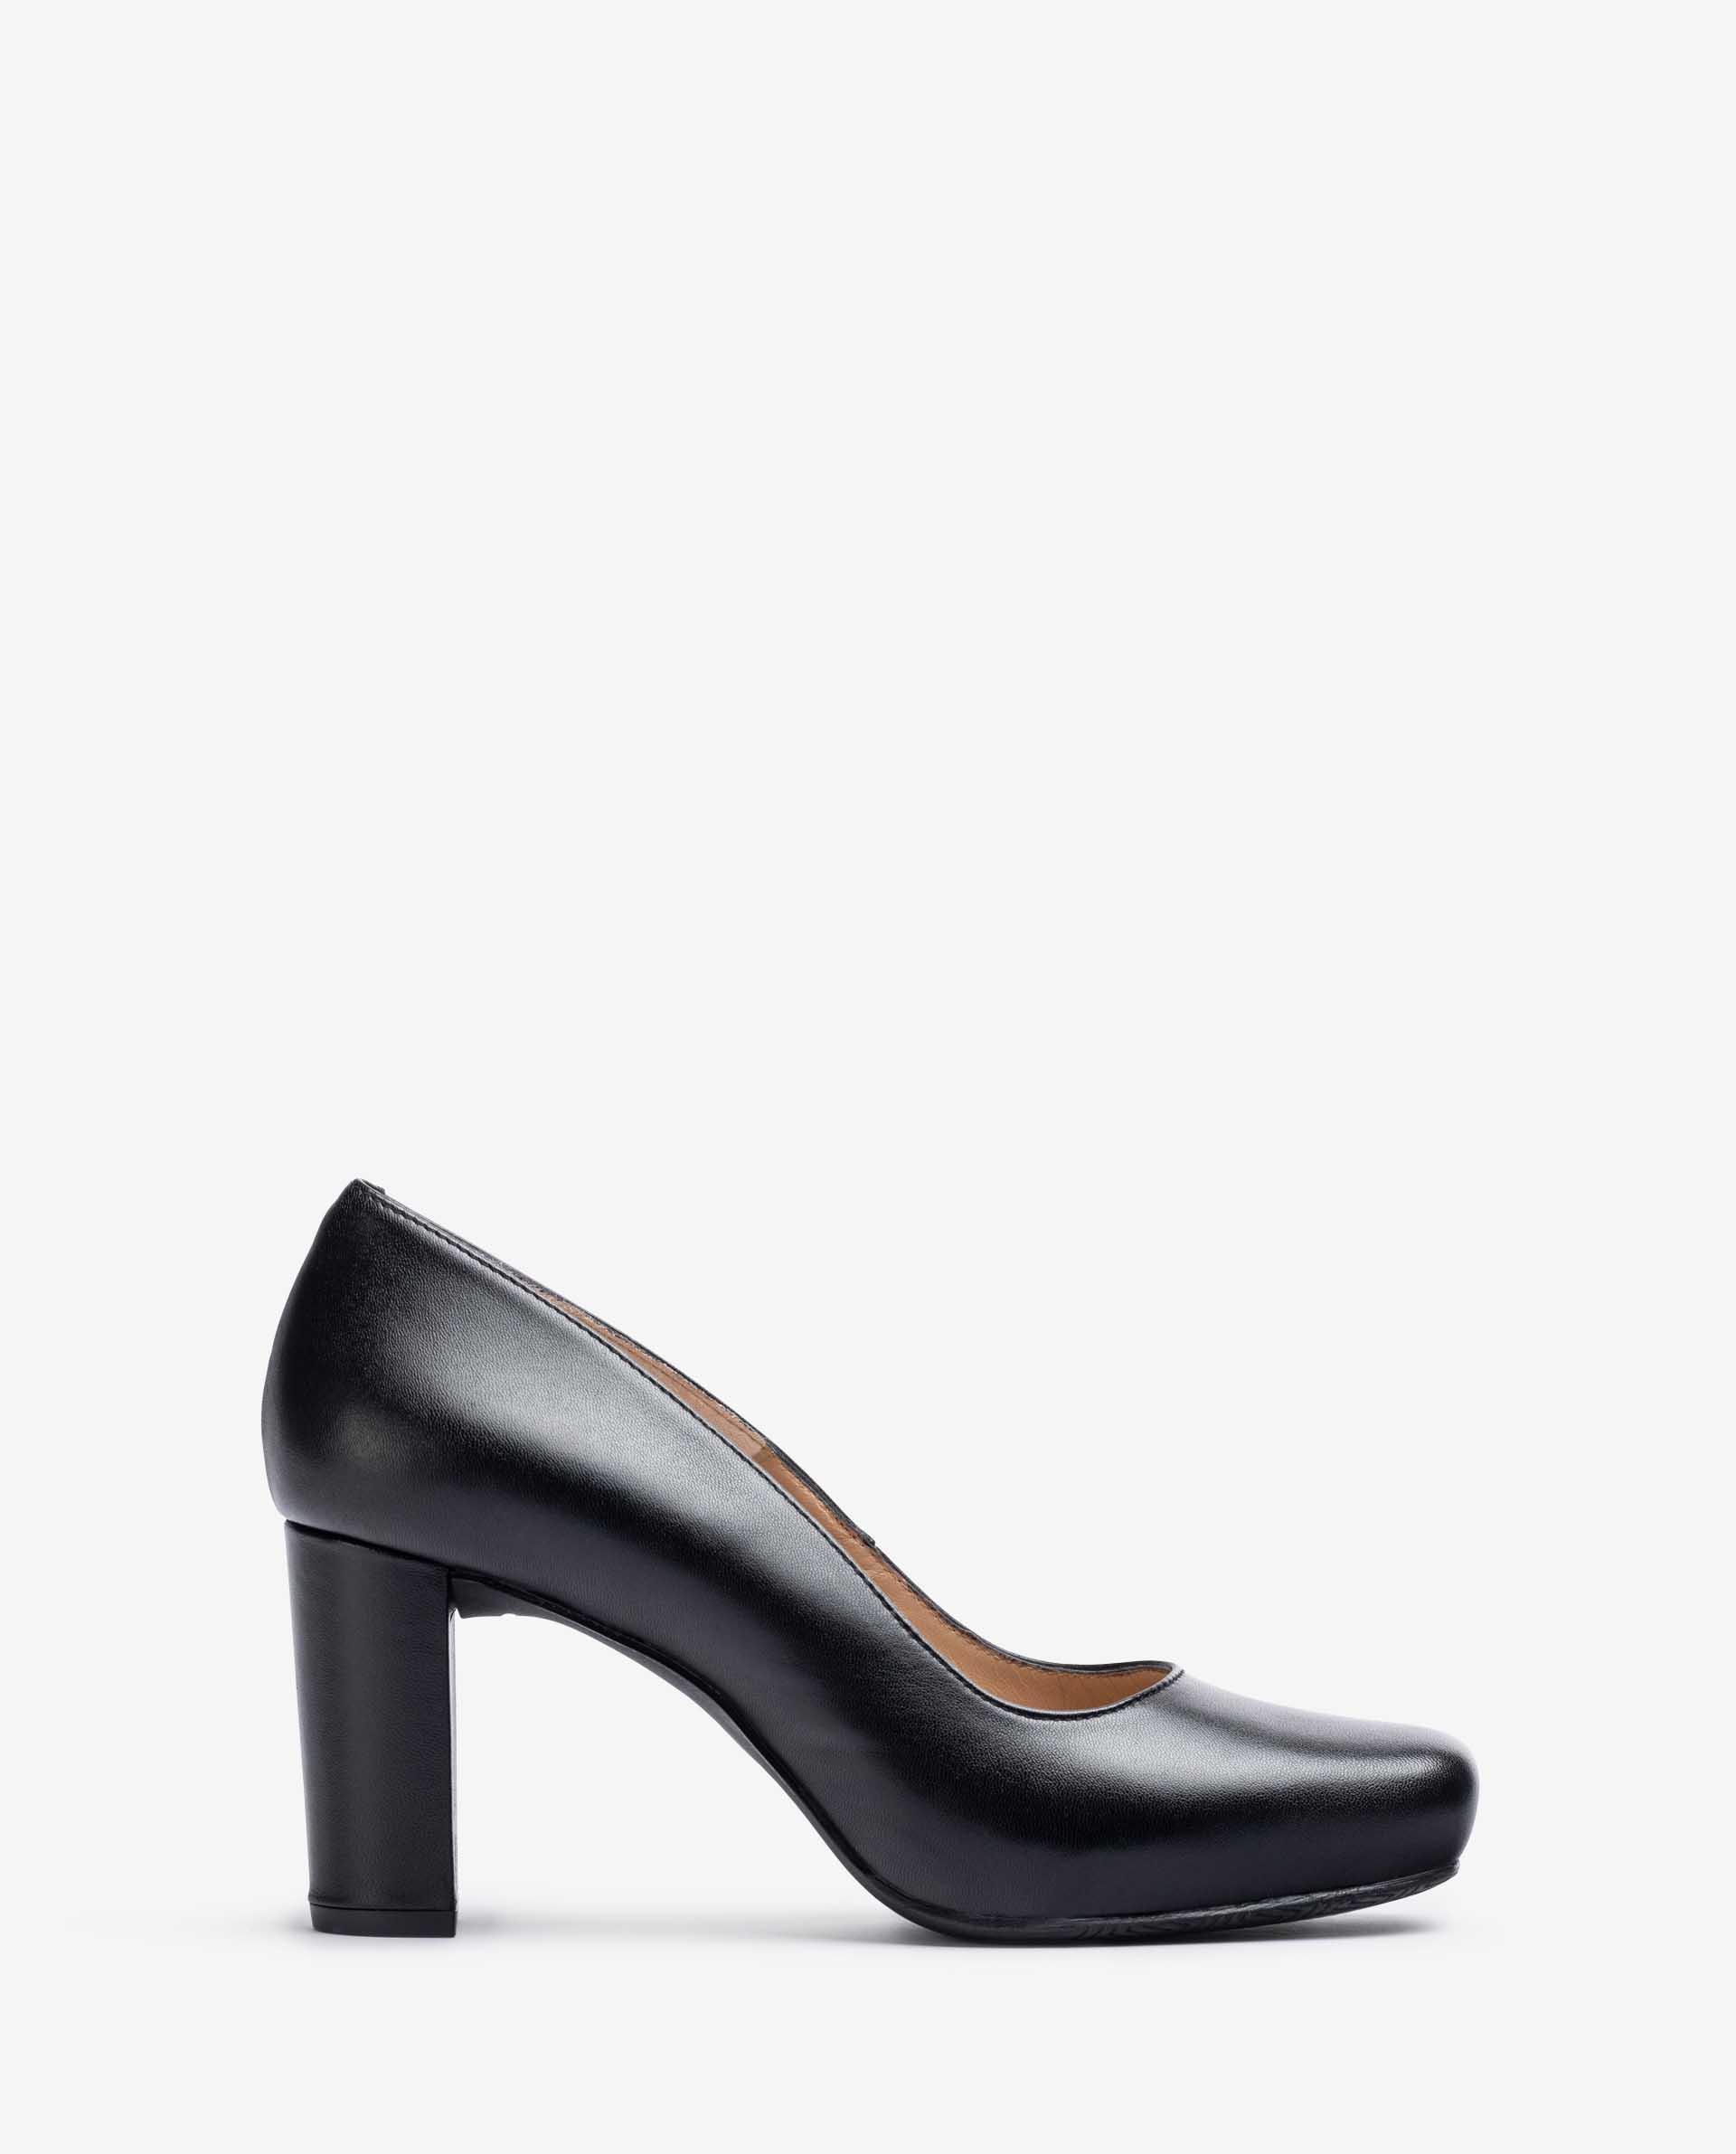 Unisa Zapatos de salón NUNTU_VU black